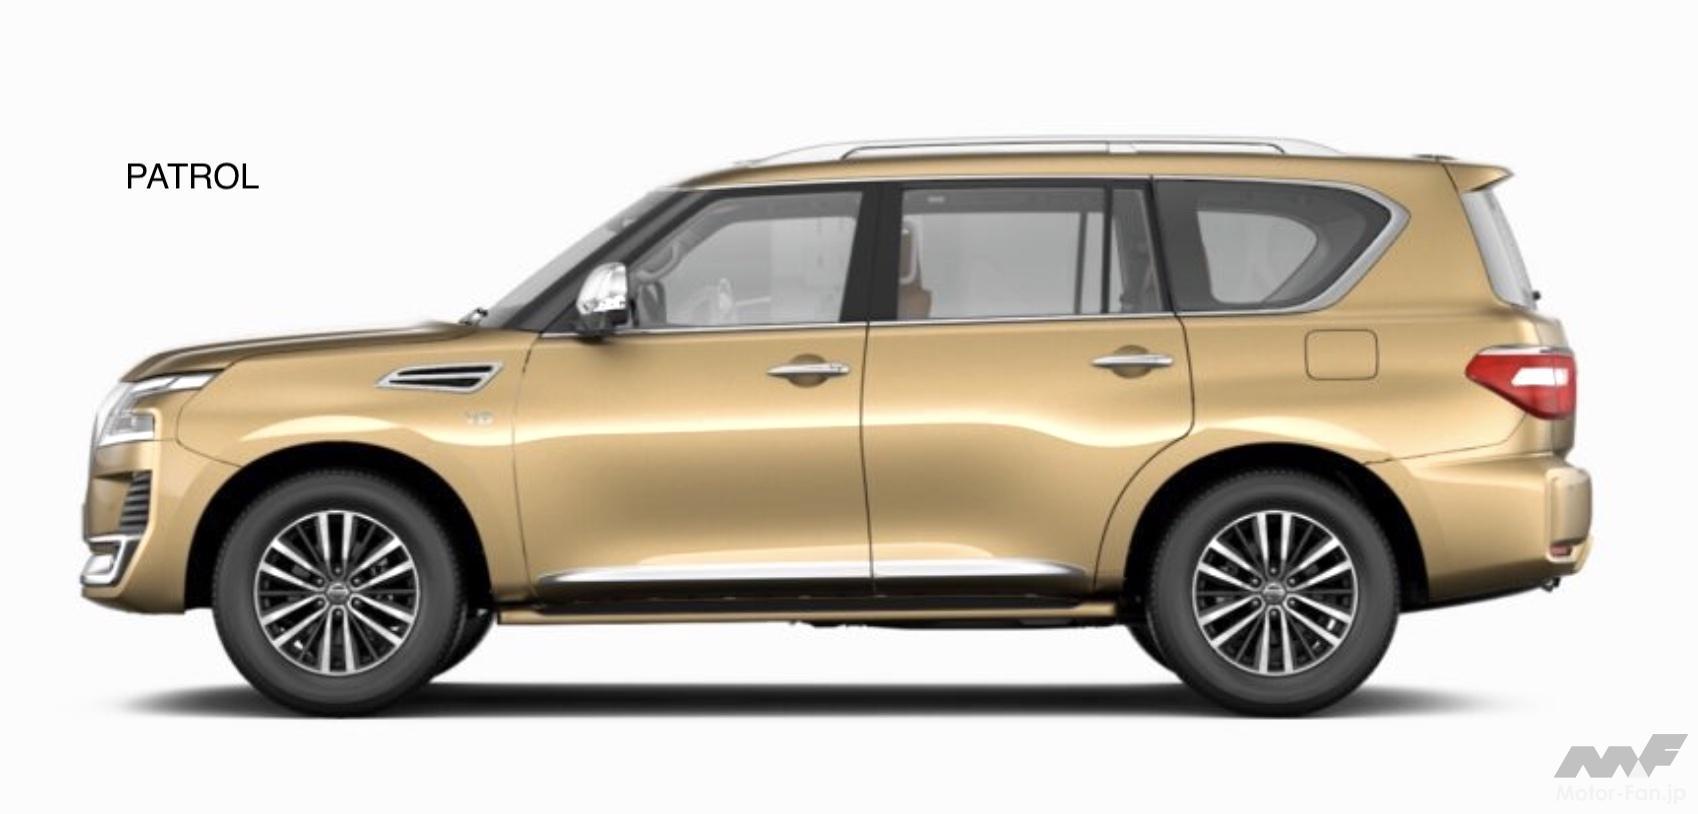 「日産SUV全14モデル マグナイト、キックス、エクストレイルから全長5.3m超のパトロールまで多彩な顔ぶれ」の9枚目の画像